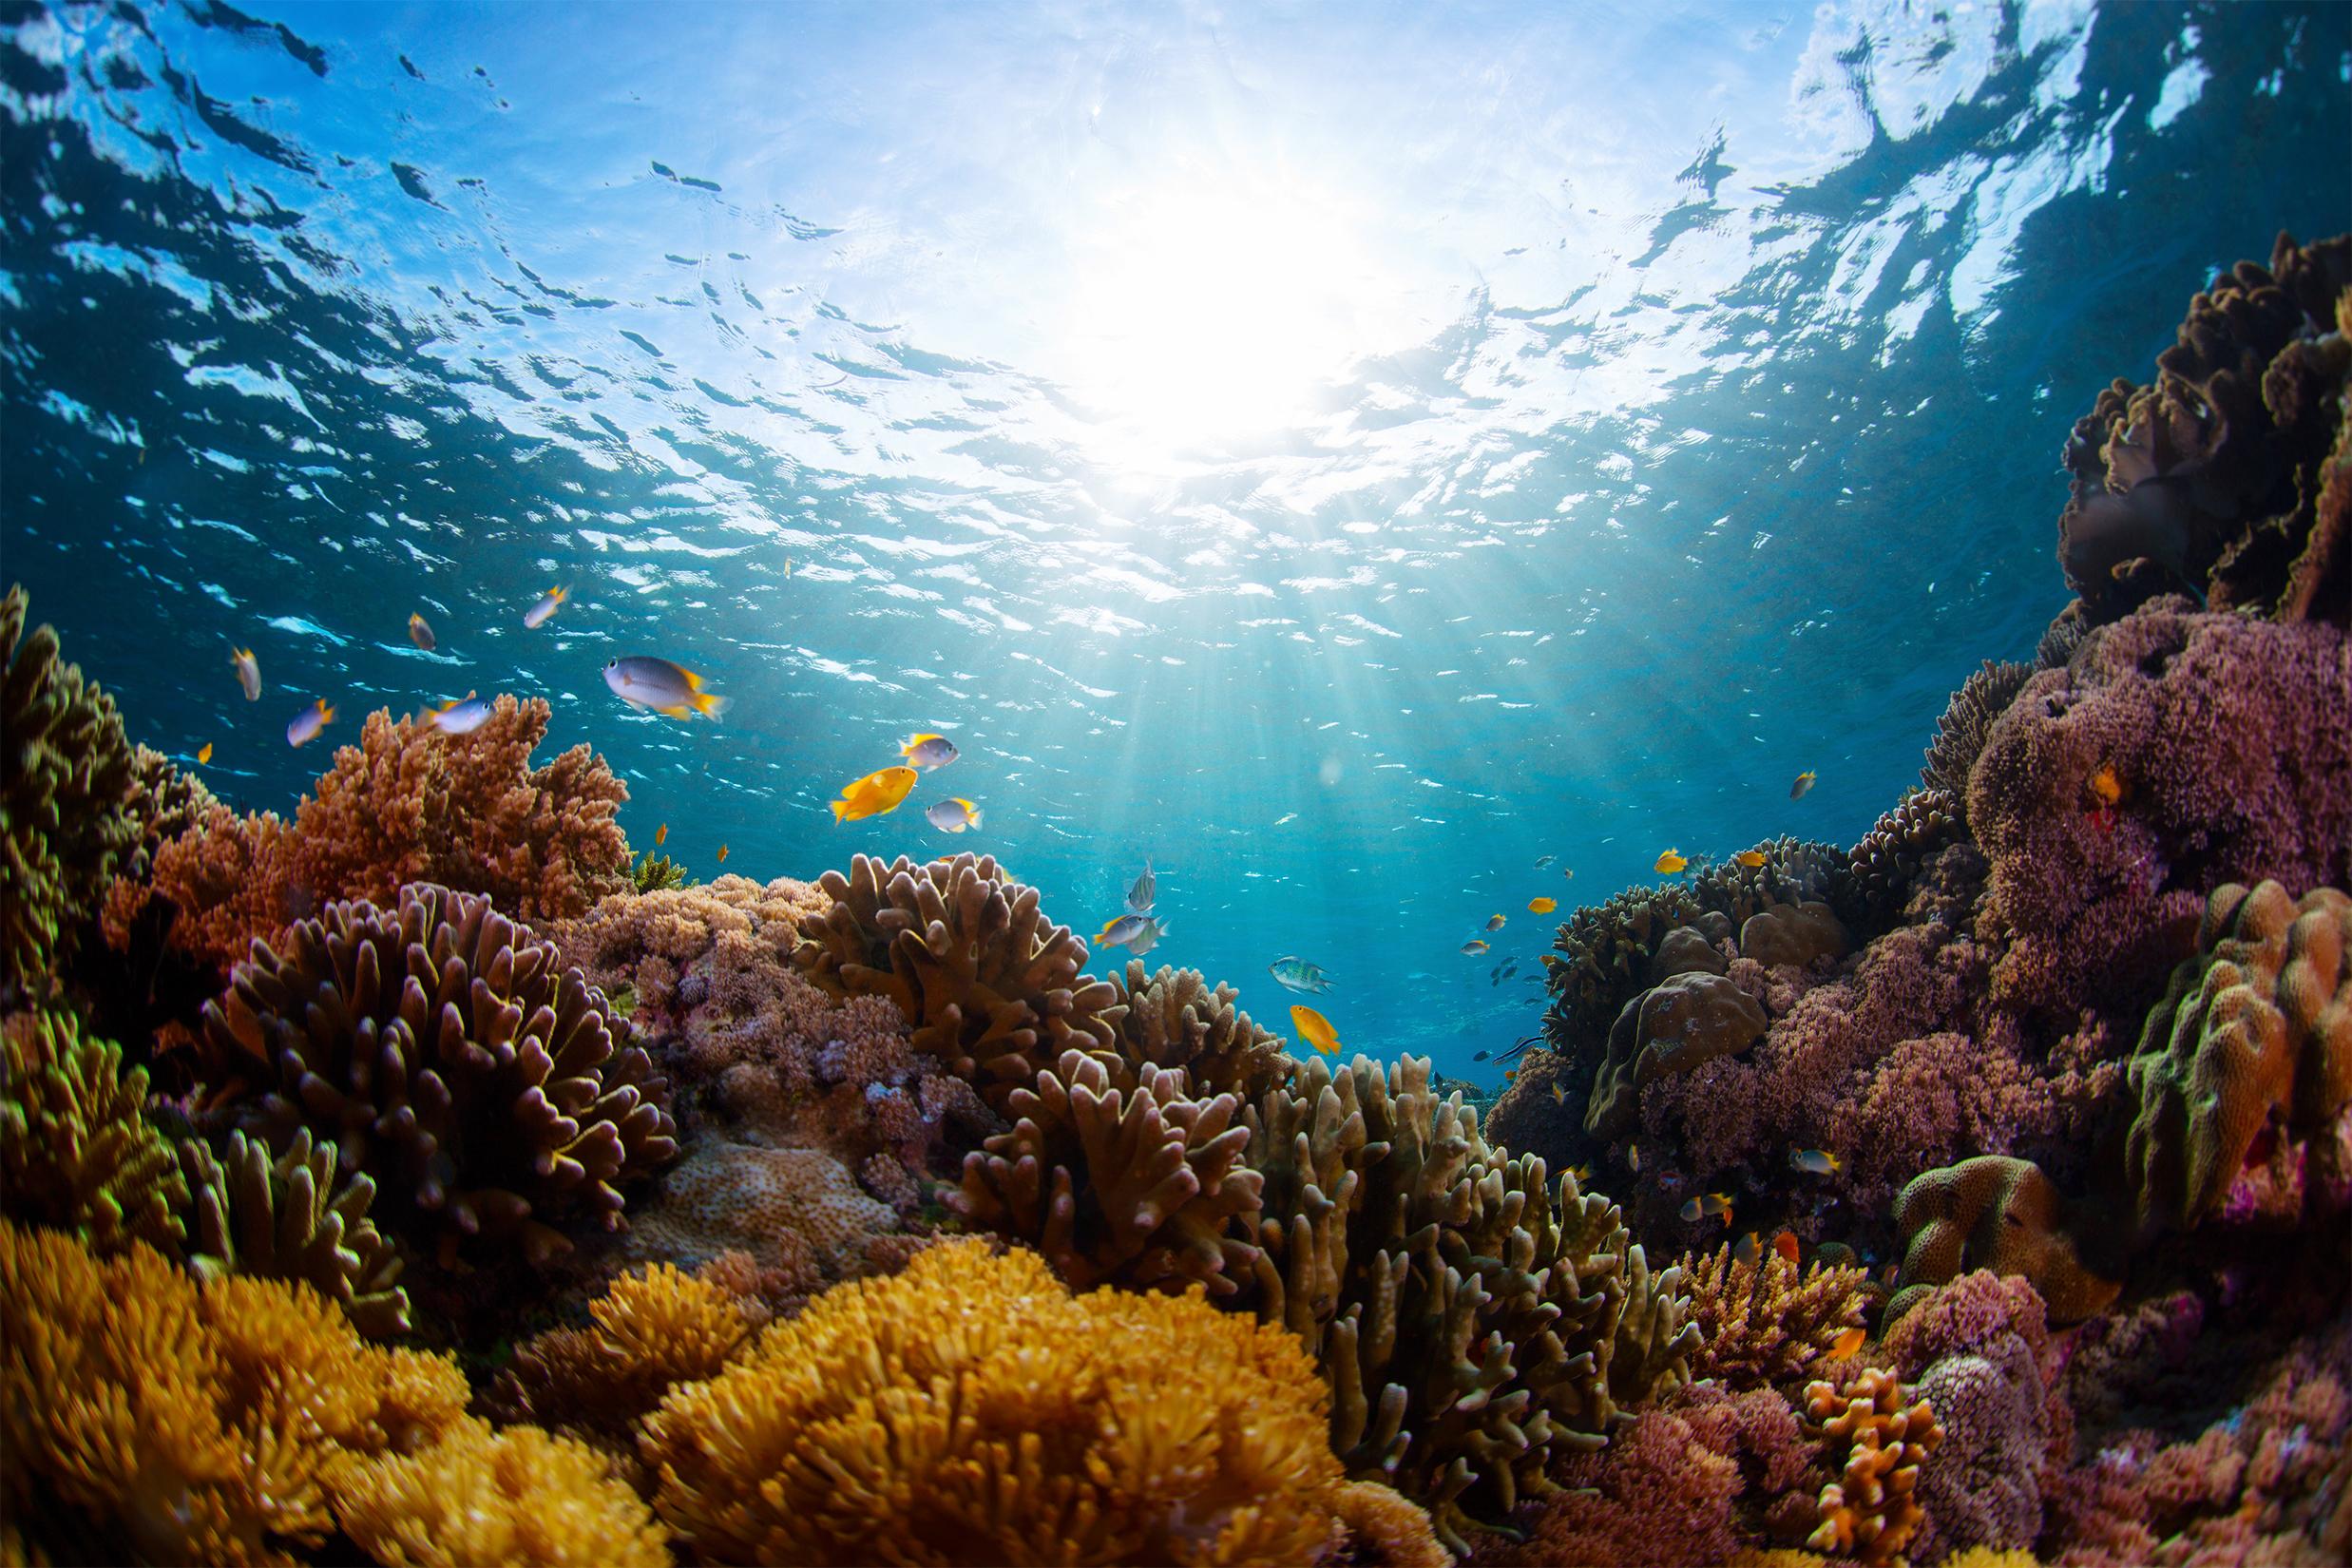 Unterwasseraufnahme eines lebhaften Korallenriffs mit Fischen in Jardines del Rey